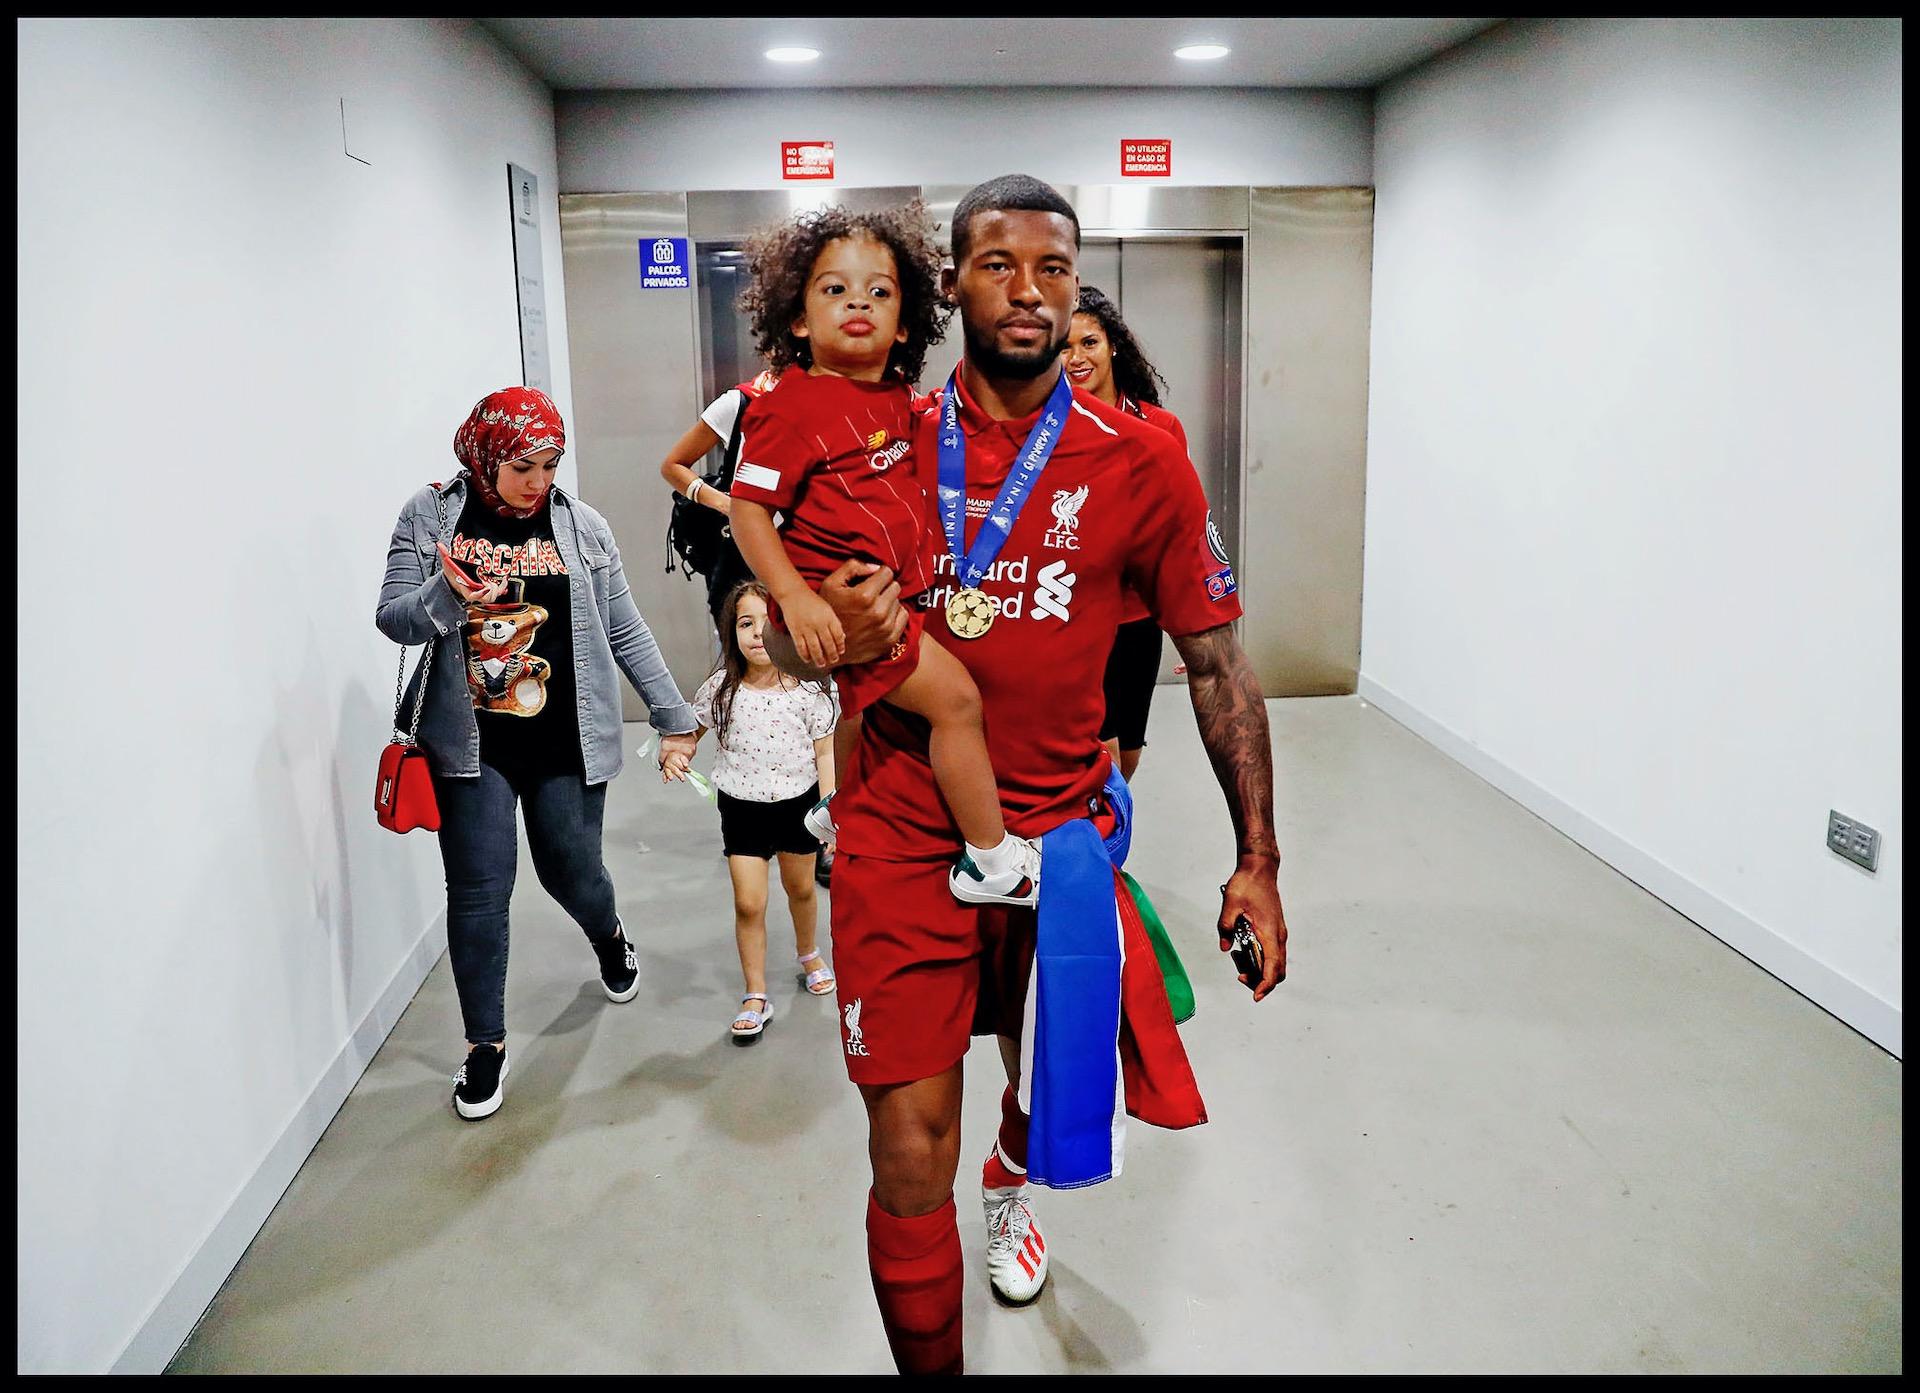 Spanje, Madrid, 02-06-2019 Serie; Geen Champions League victorie zonder familie! Champions League finale Liverpool-Tottenham Hotspur. Na een lange zoektocht sluit hij zijn zoontje Jacian Emile in de armen. Na een ritje in de lift lopen ze naar het veld.